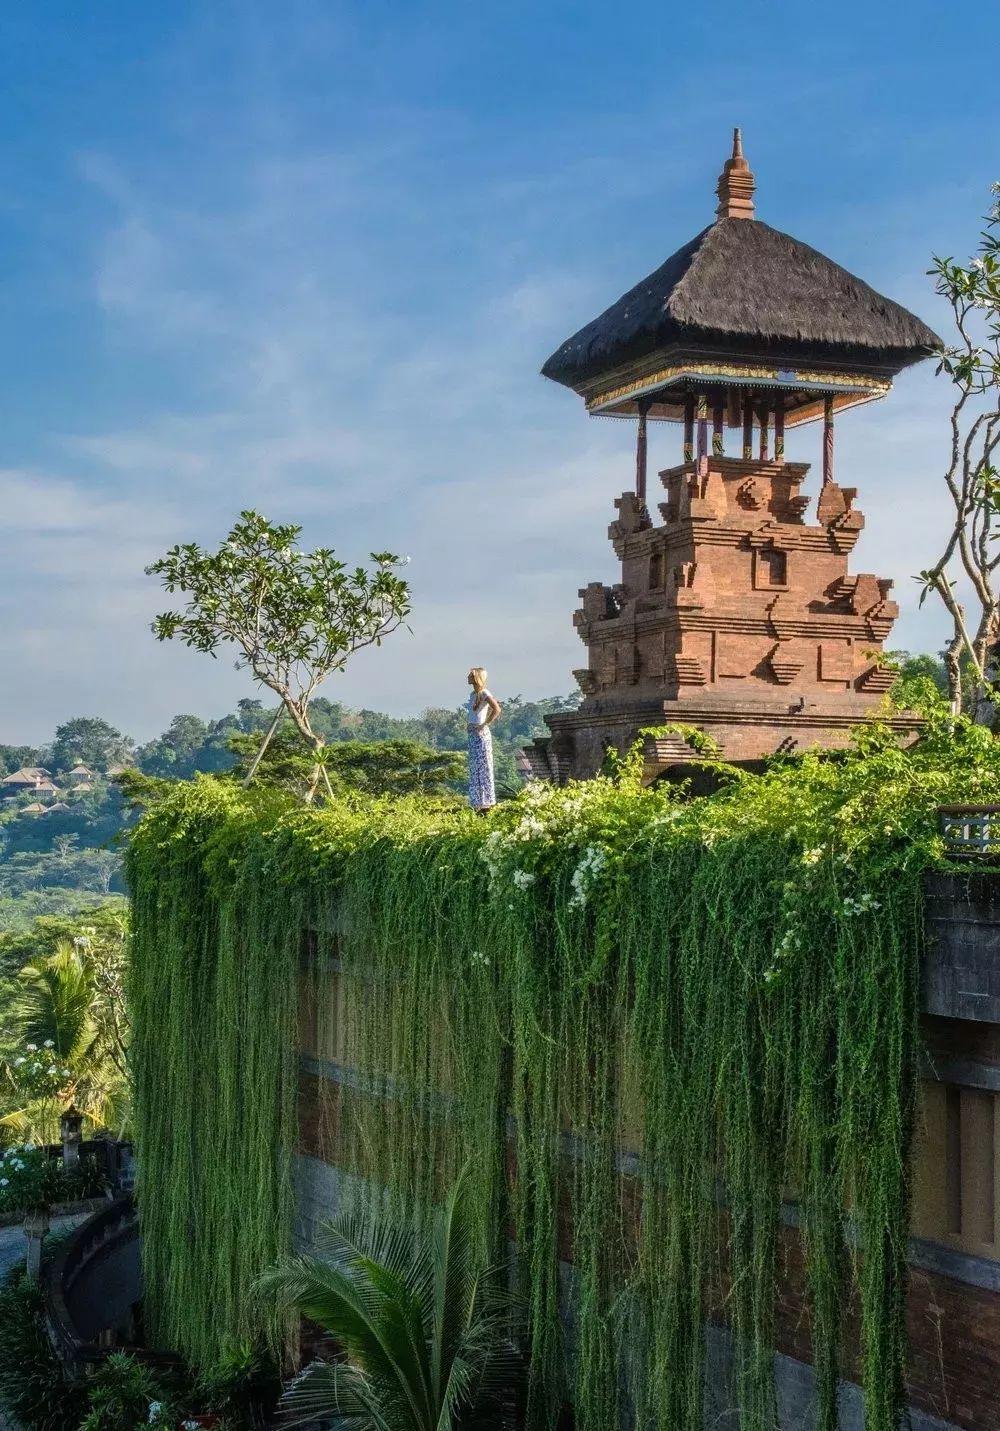 全球仅三家的避世归隐  一家就在巴厘岛乌布! 旅游资讯 第1张